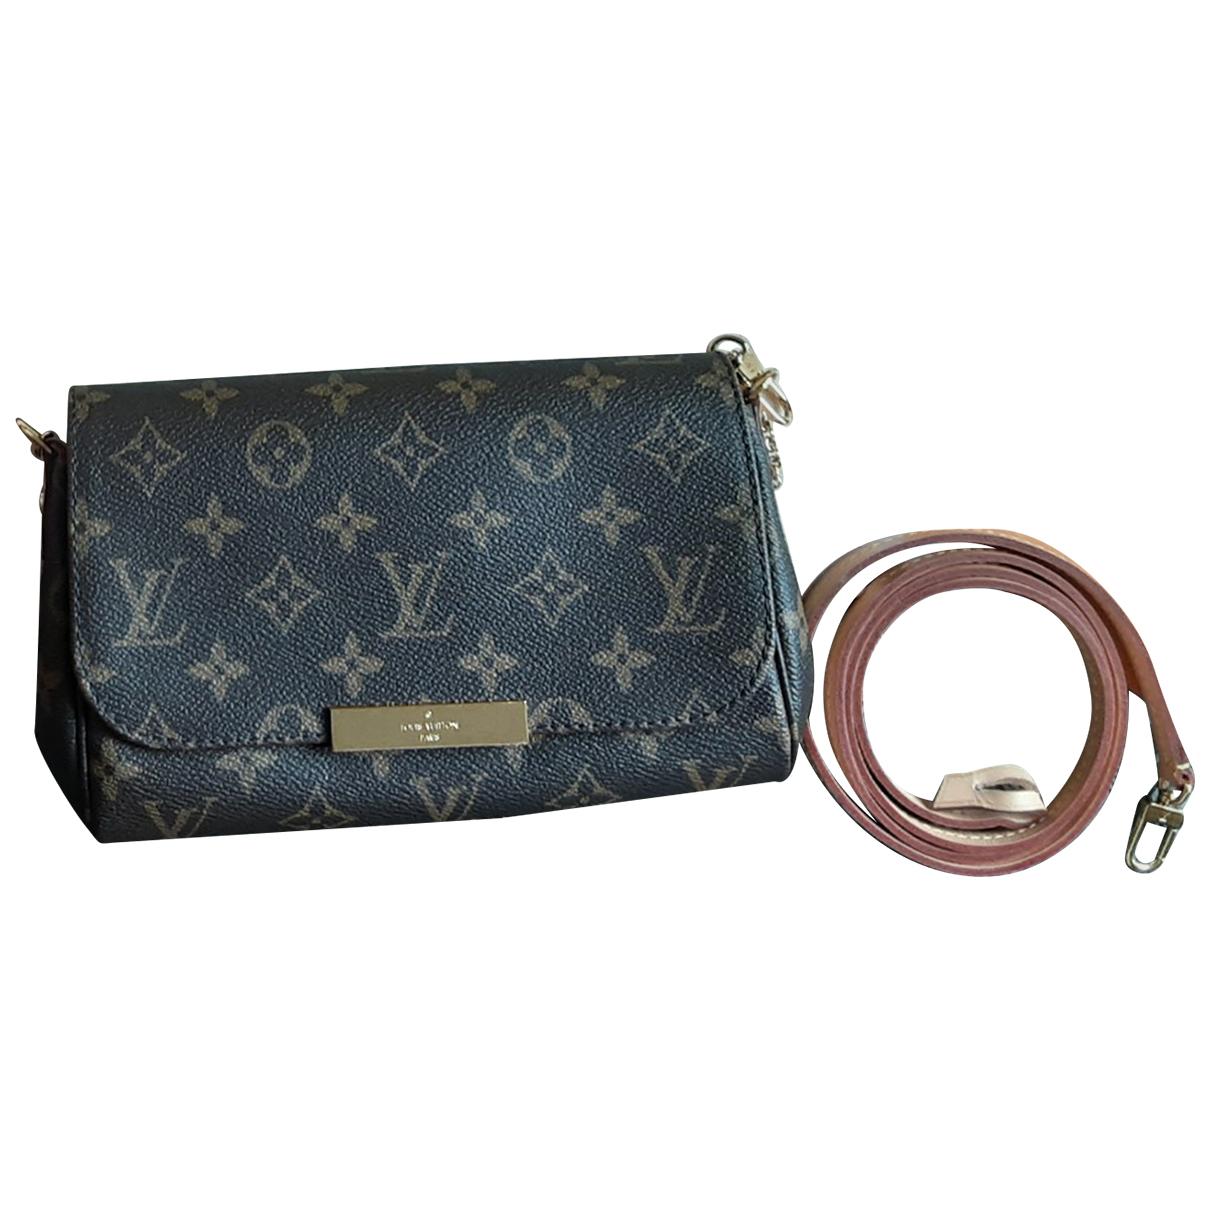 Louis Vuitton - Sac a main Favorite pour femme en toile - marron